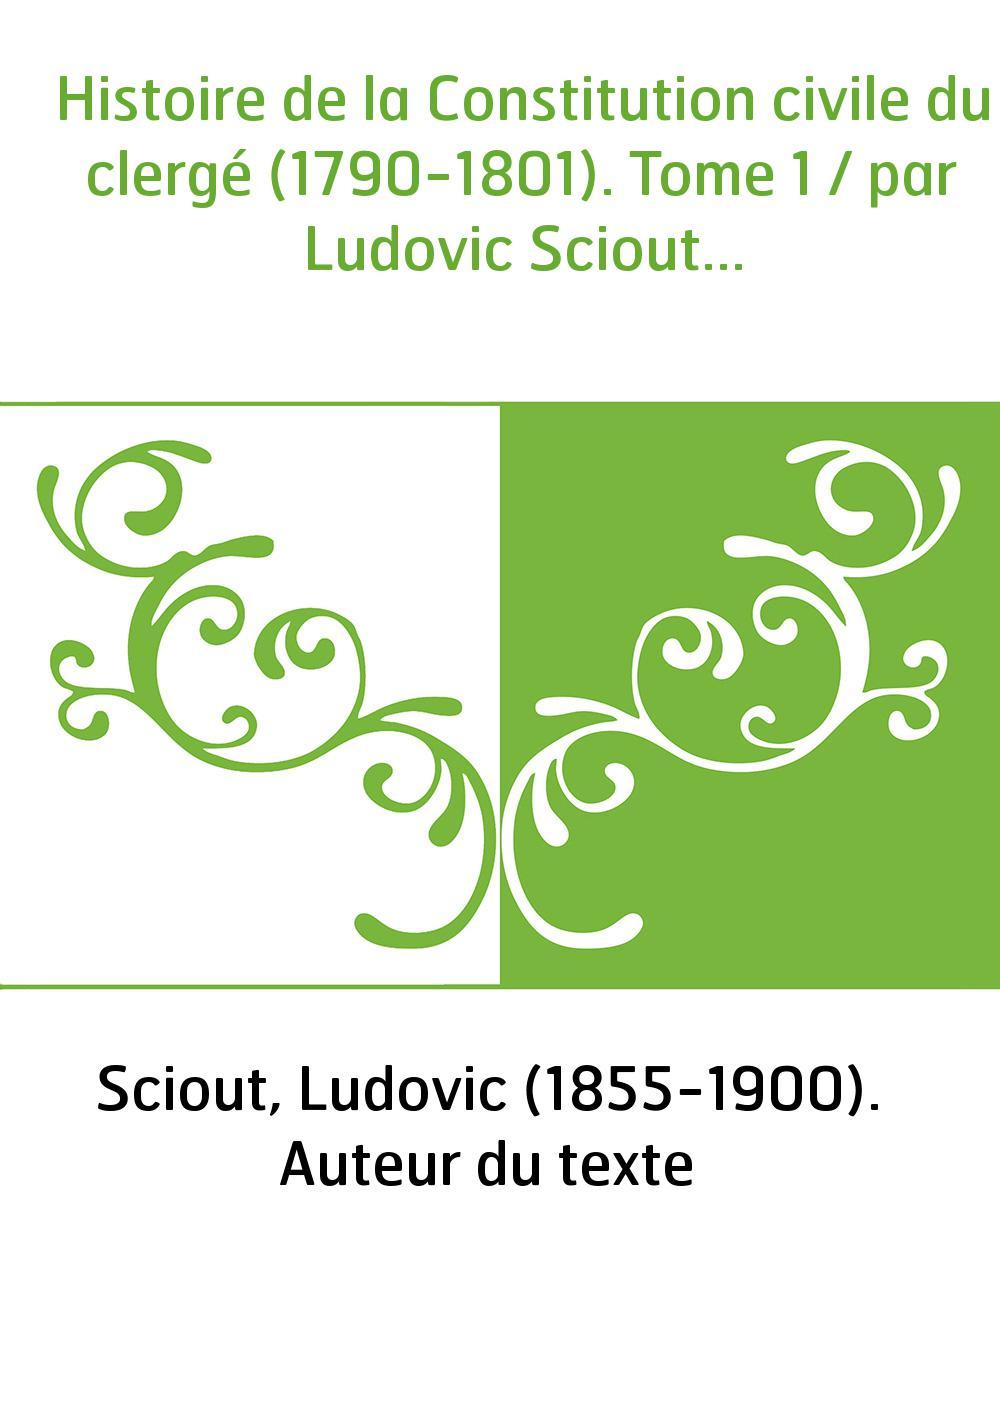 Histoire de la Constitution civile du clergé (1790-1801). Tome 1 / par Ludovic Sciout...